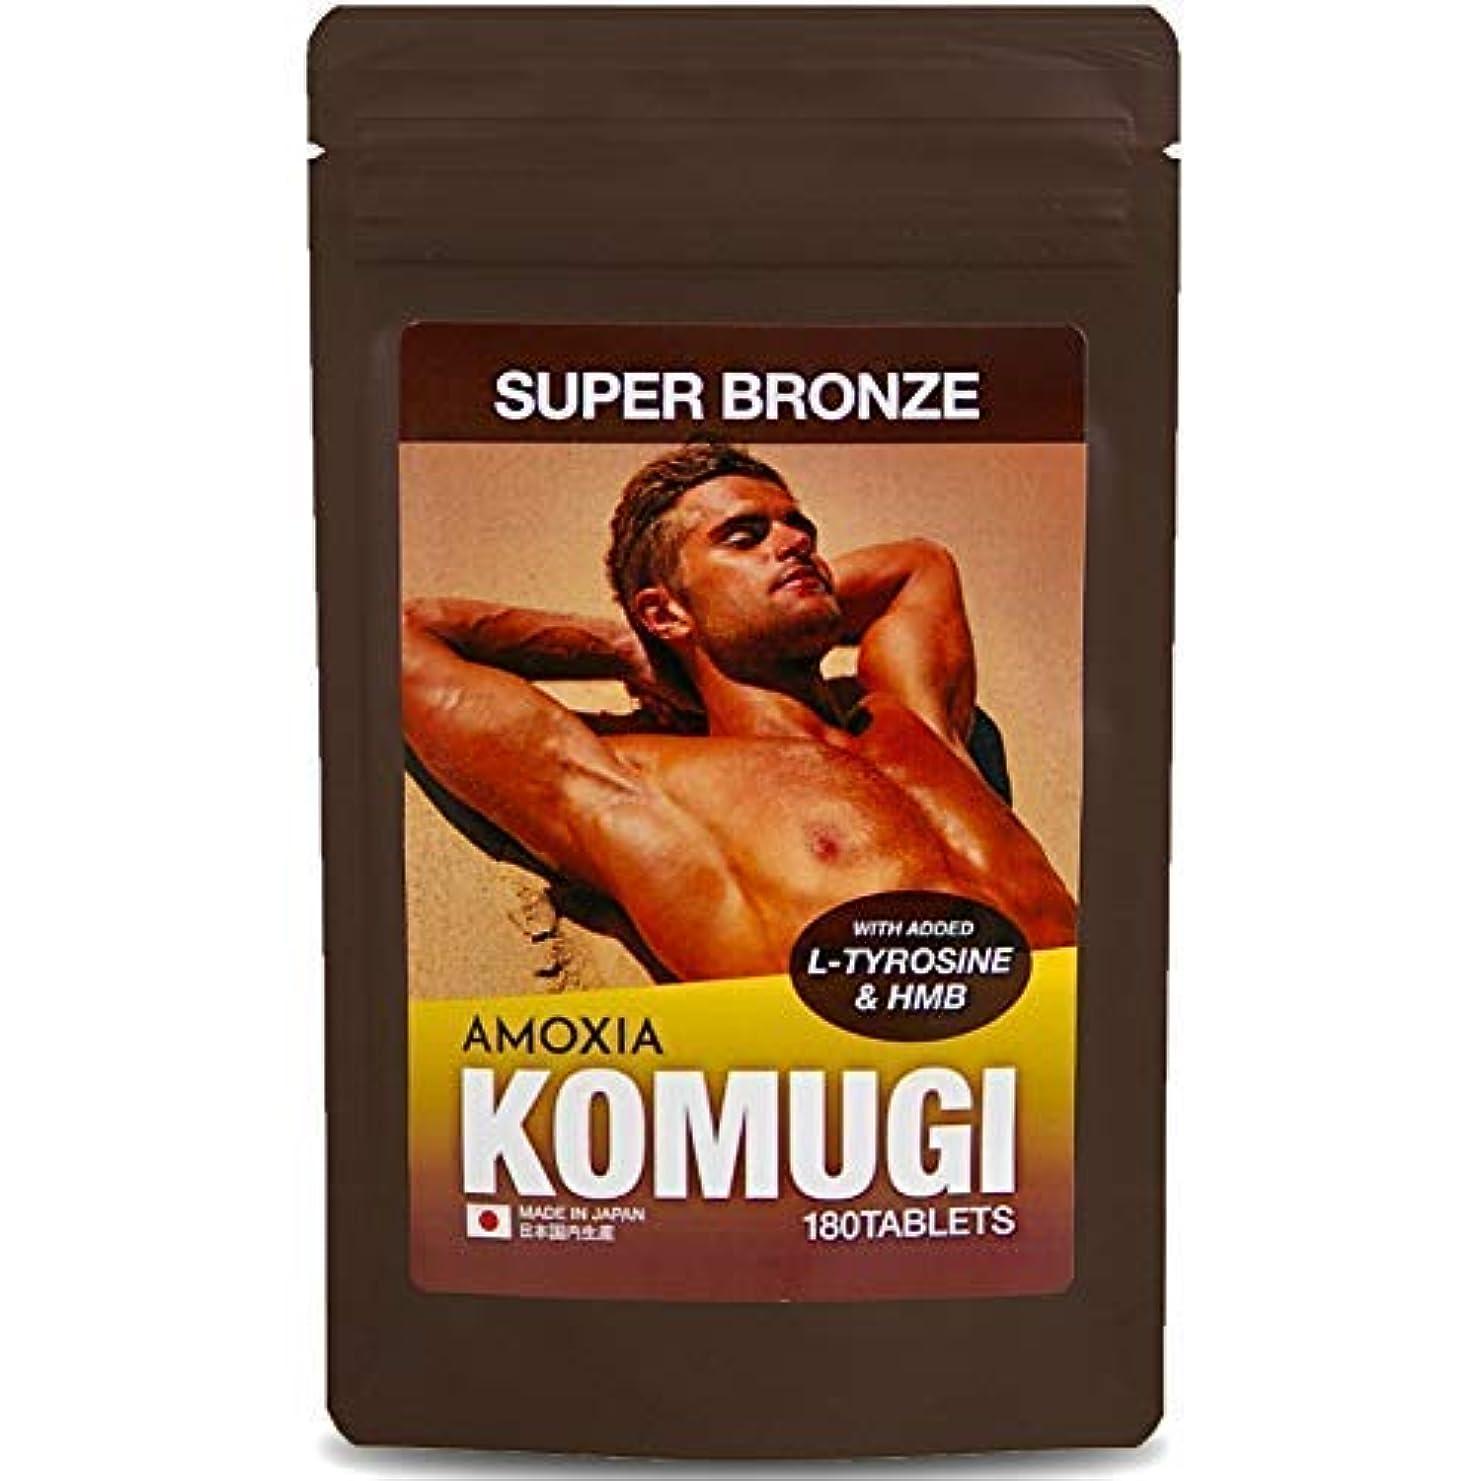 投げるヒープ公式KOMUGI 日焼けと筋肉増強で新発想の飲むタンニング タンニングサプリメント 安心の国産 HMB配合 国産シェア100%